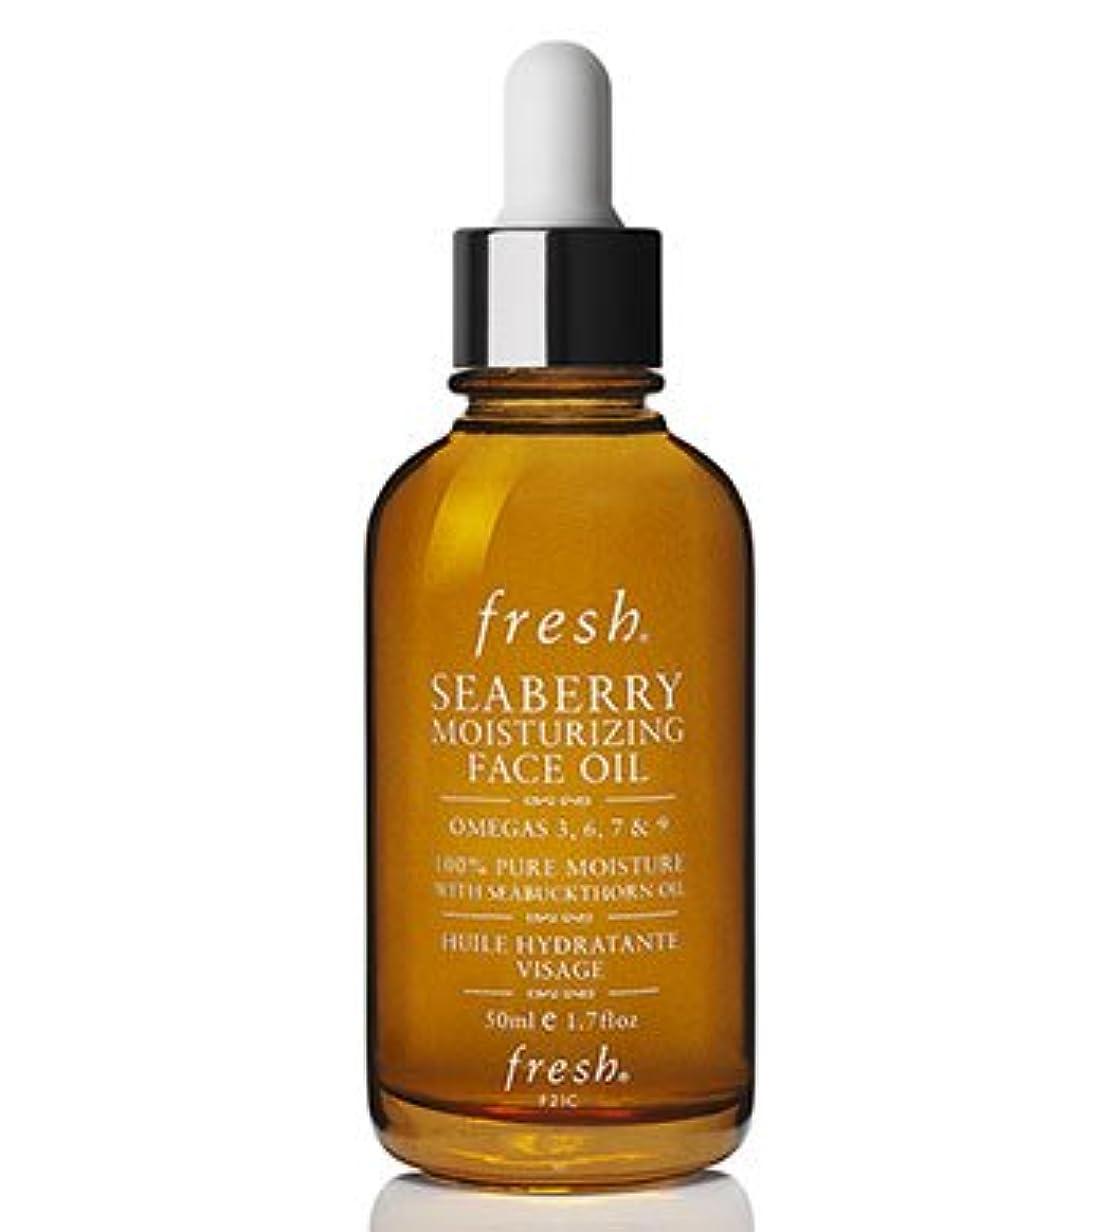 モニター化合物ジョージバーナードFresh  Seaberry Moisturizing Face Oil (フレッシュ シーベリー モイスチャライジング フェイスオイル) 1.7 oz (50ml)